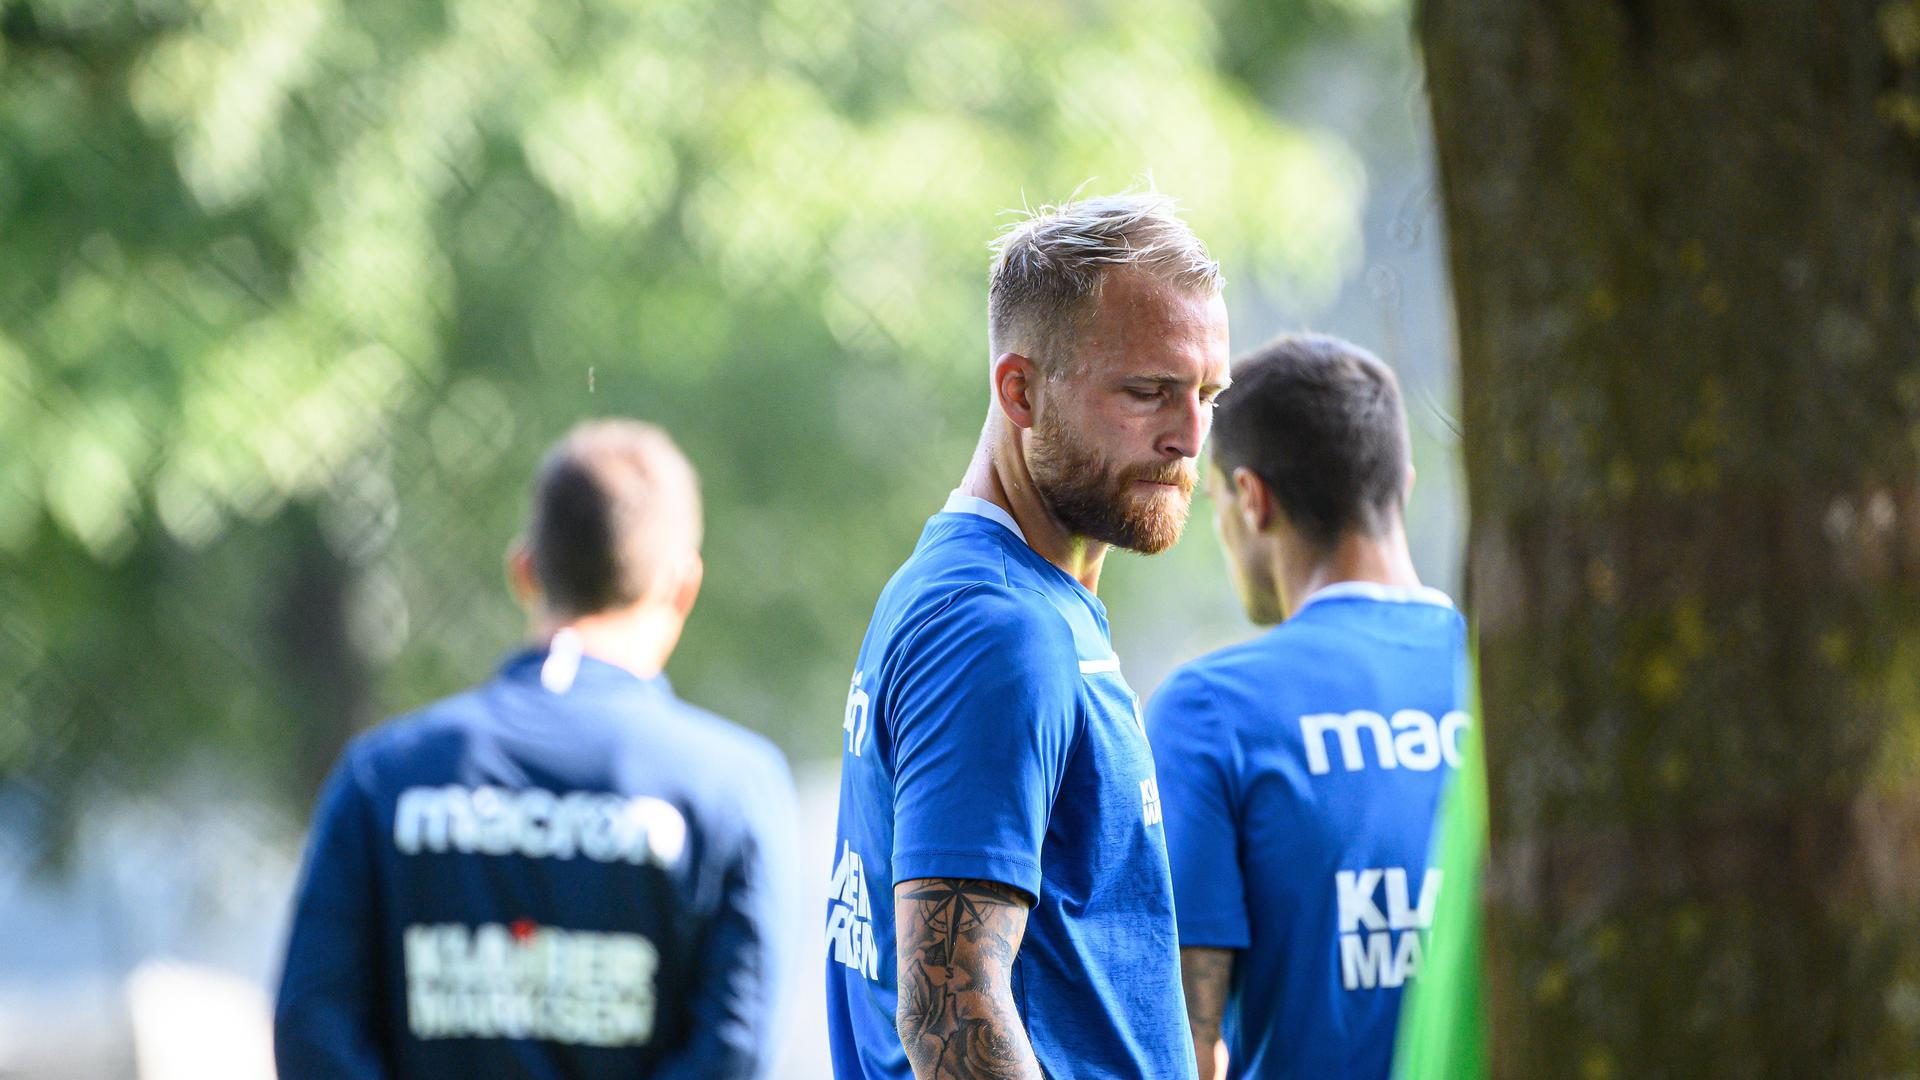 Philipp Hofmann (KSC) .  GES/ Fussball/ 2. Bundesliga: Karlsruher SC - Training,  22.09.2020  Football/Soccer: 2. Bundesliga:  KSC Trainingsession, Karlsruhe, September 22, 2020